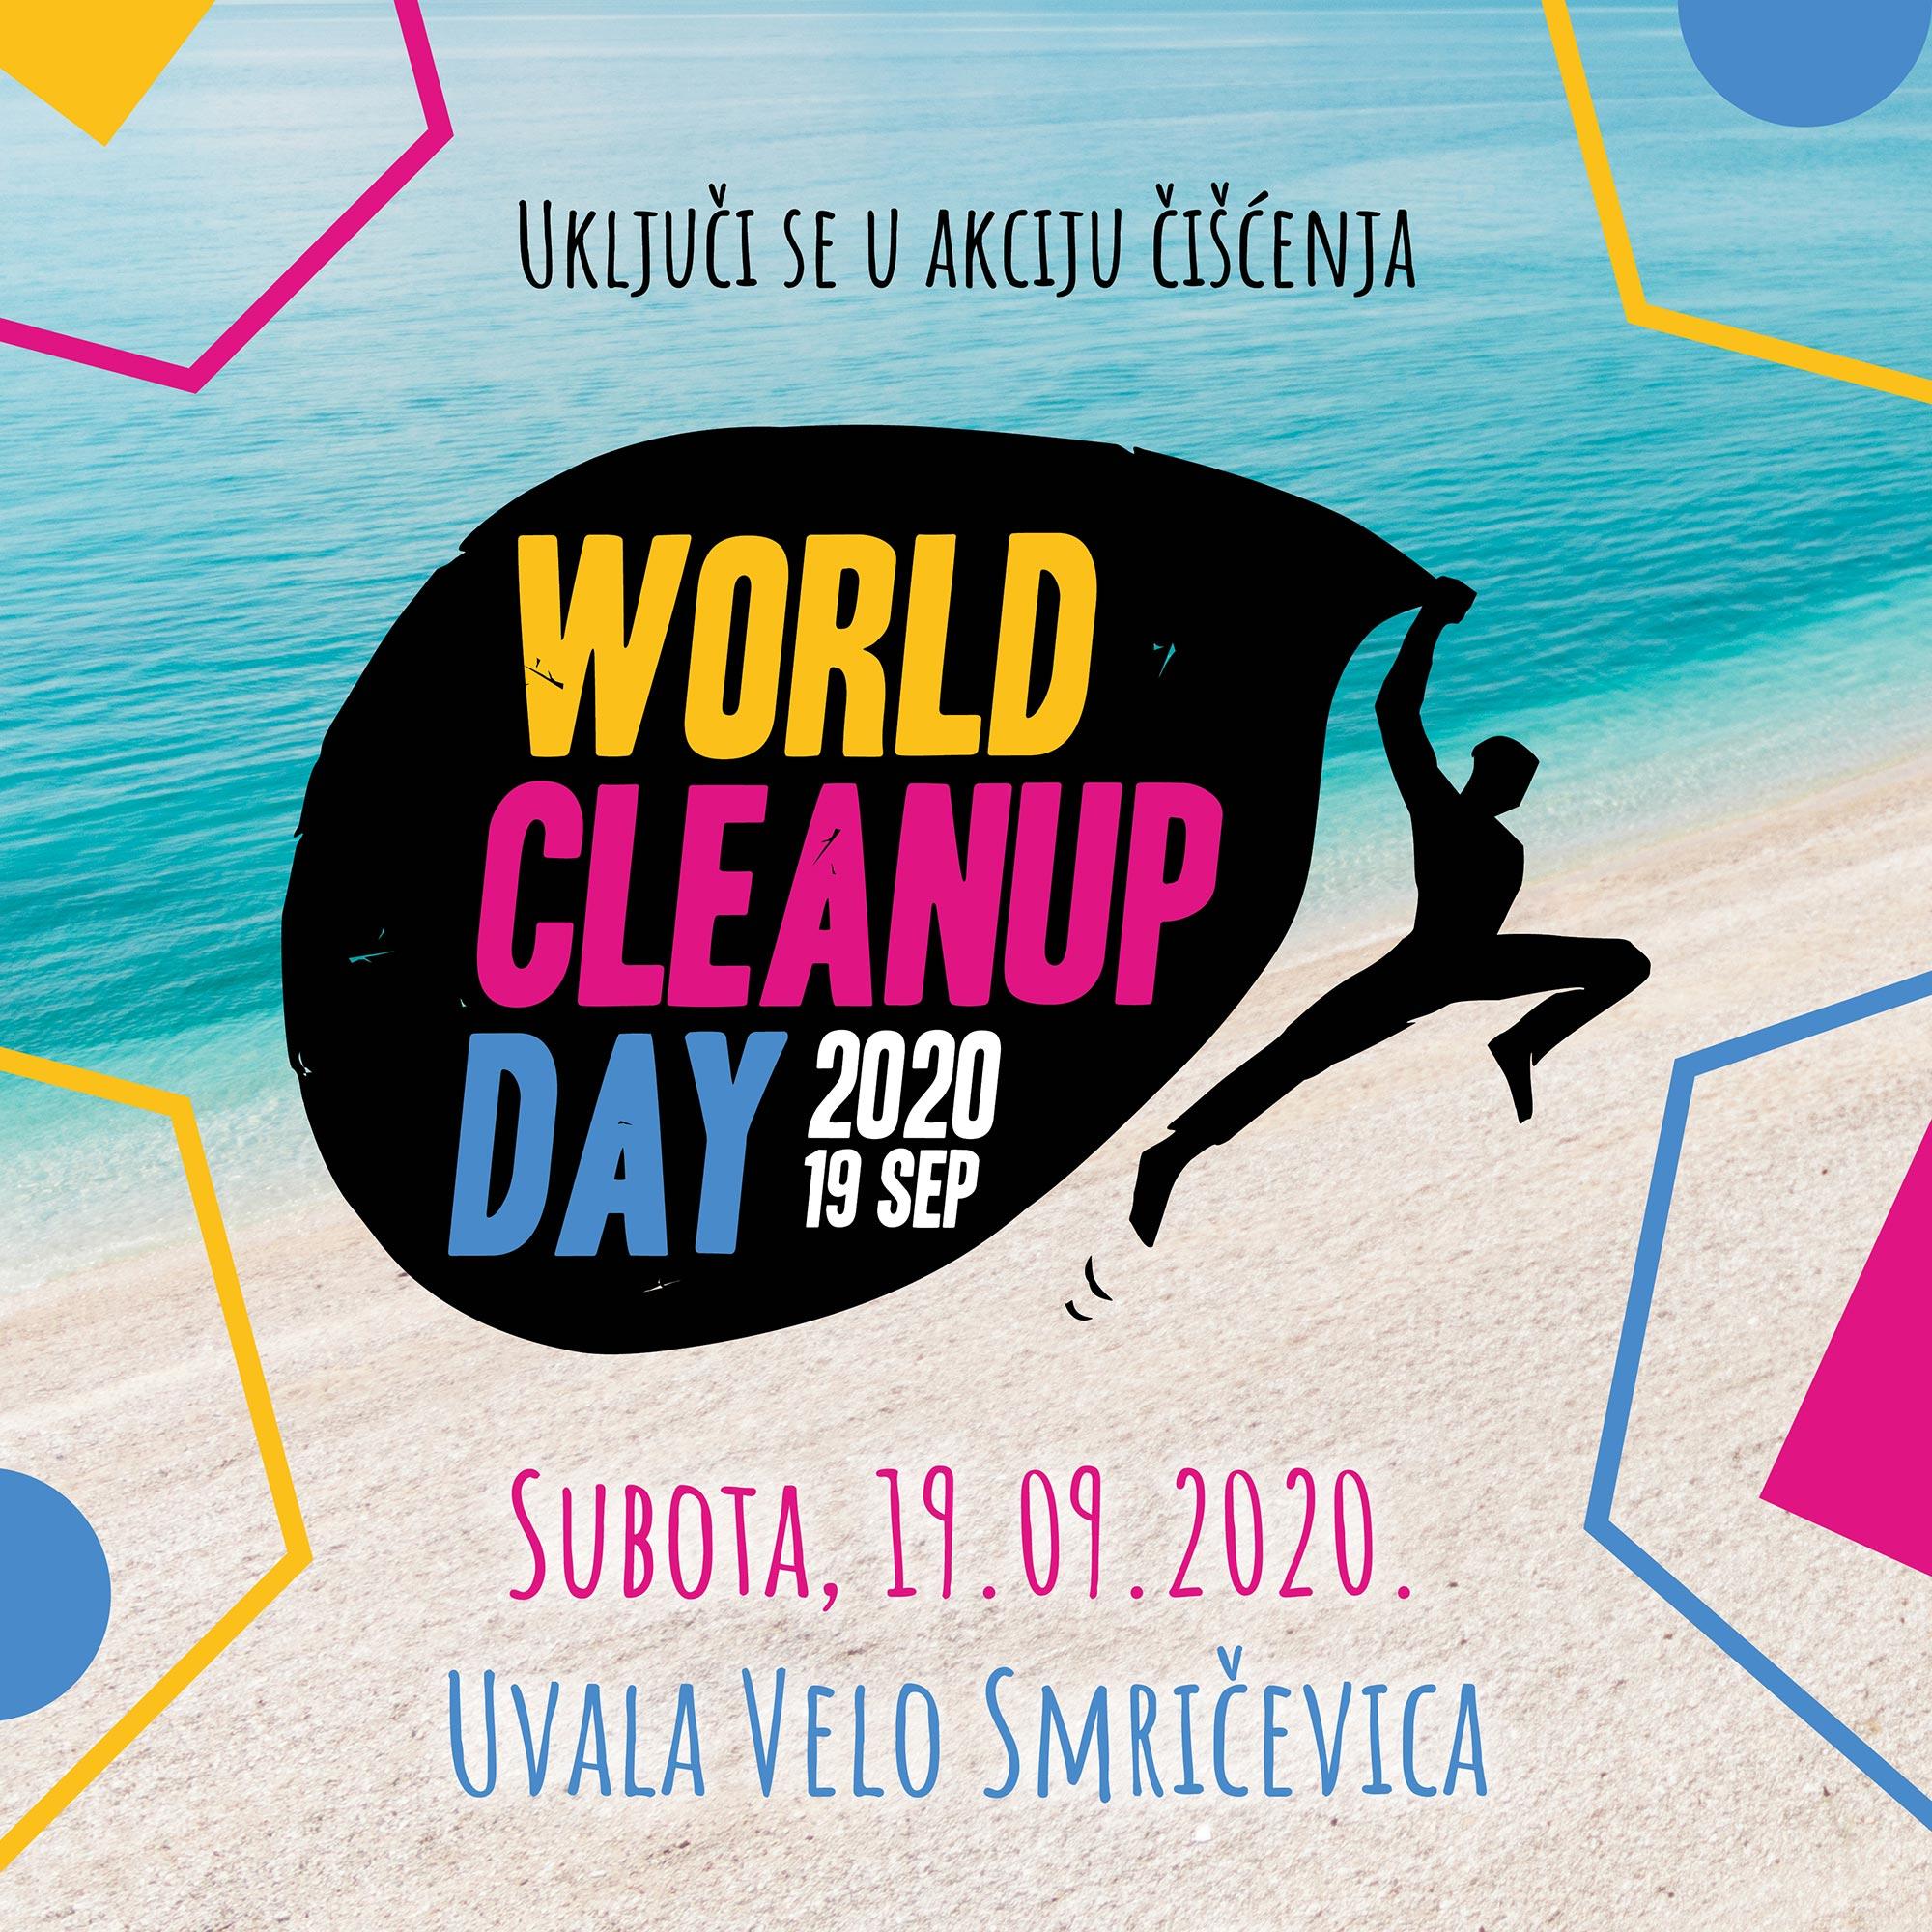 WORLD CLEAN UP DAY 2000 -UKLJUČITE SE